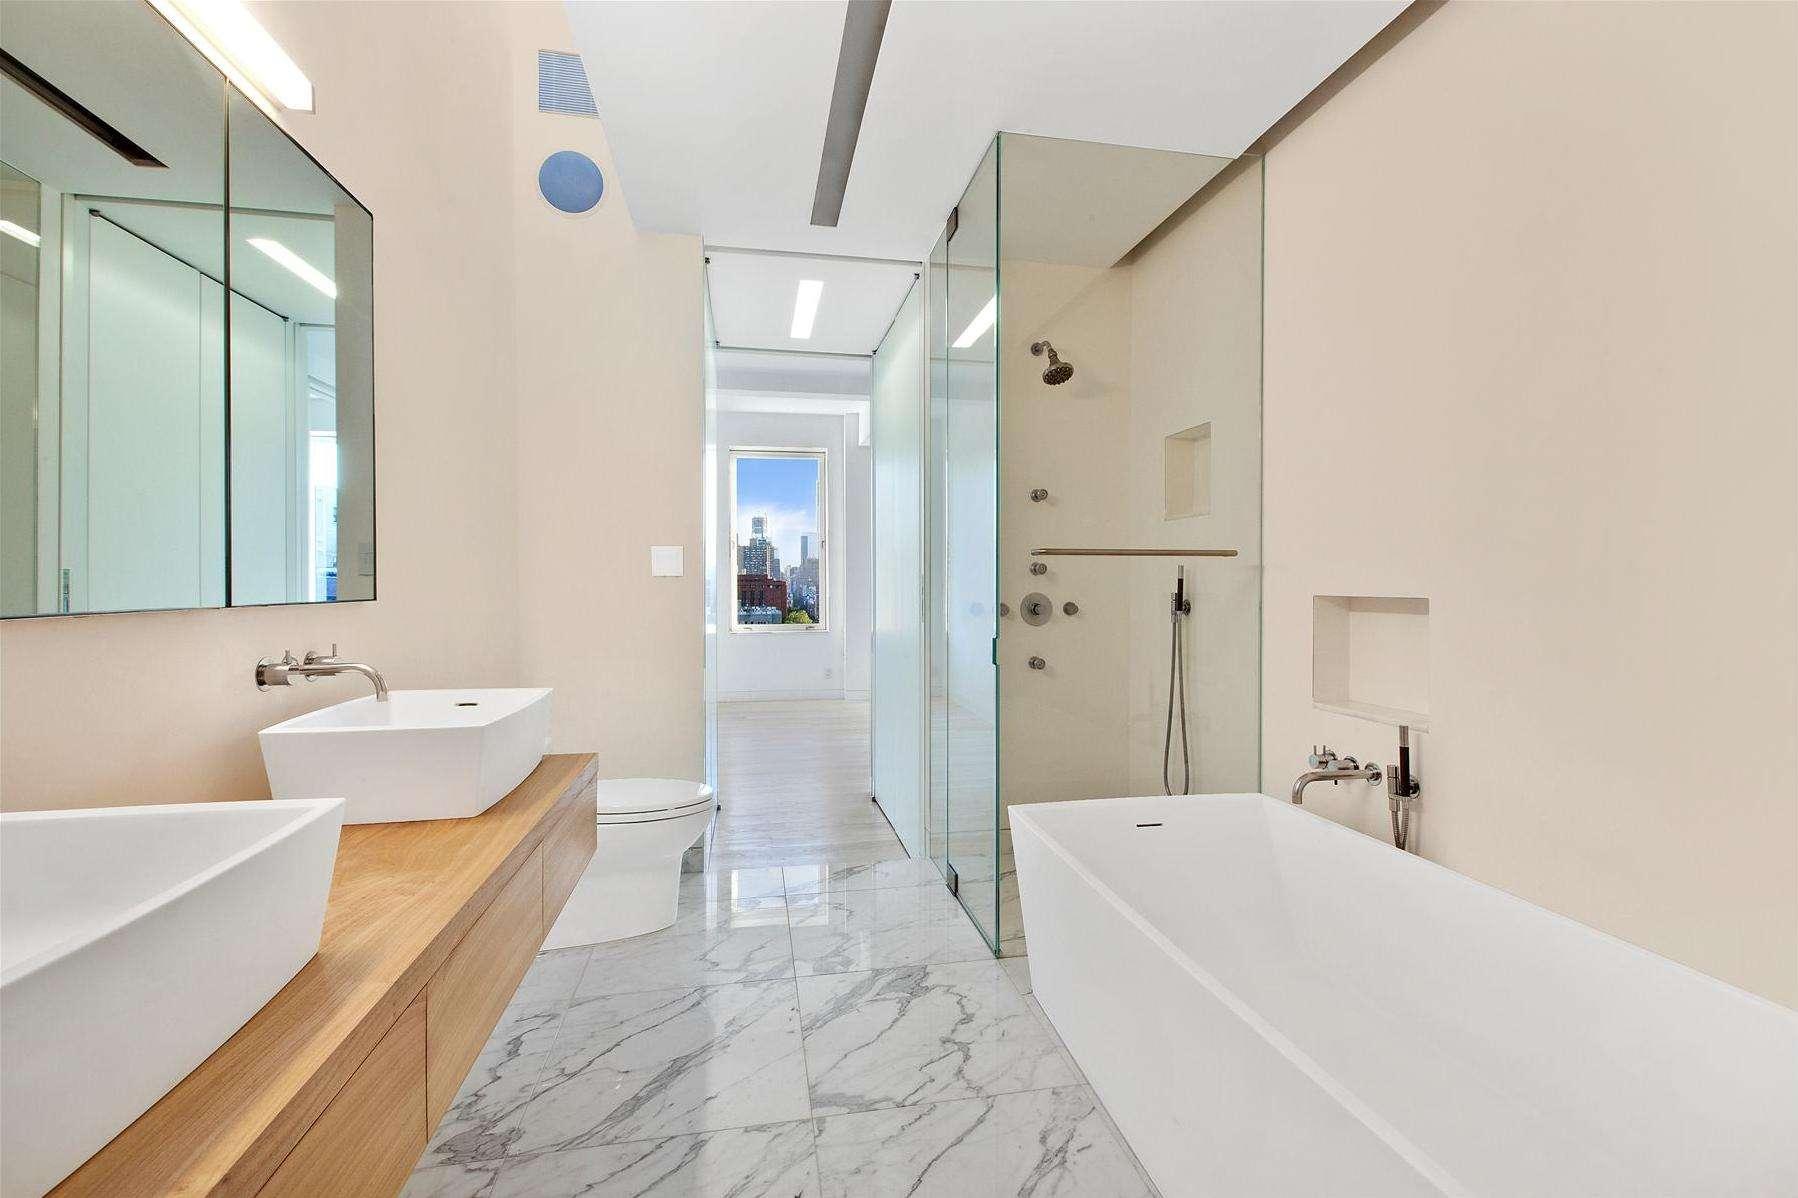 卫生间淋浴区用玻璃隔成,干湿分离,透气又美观。